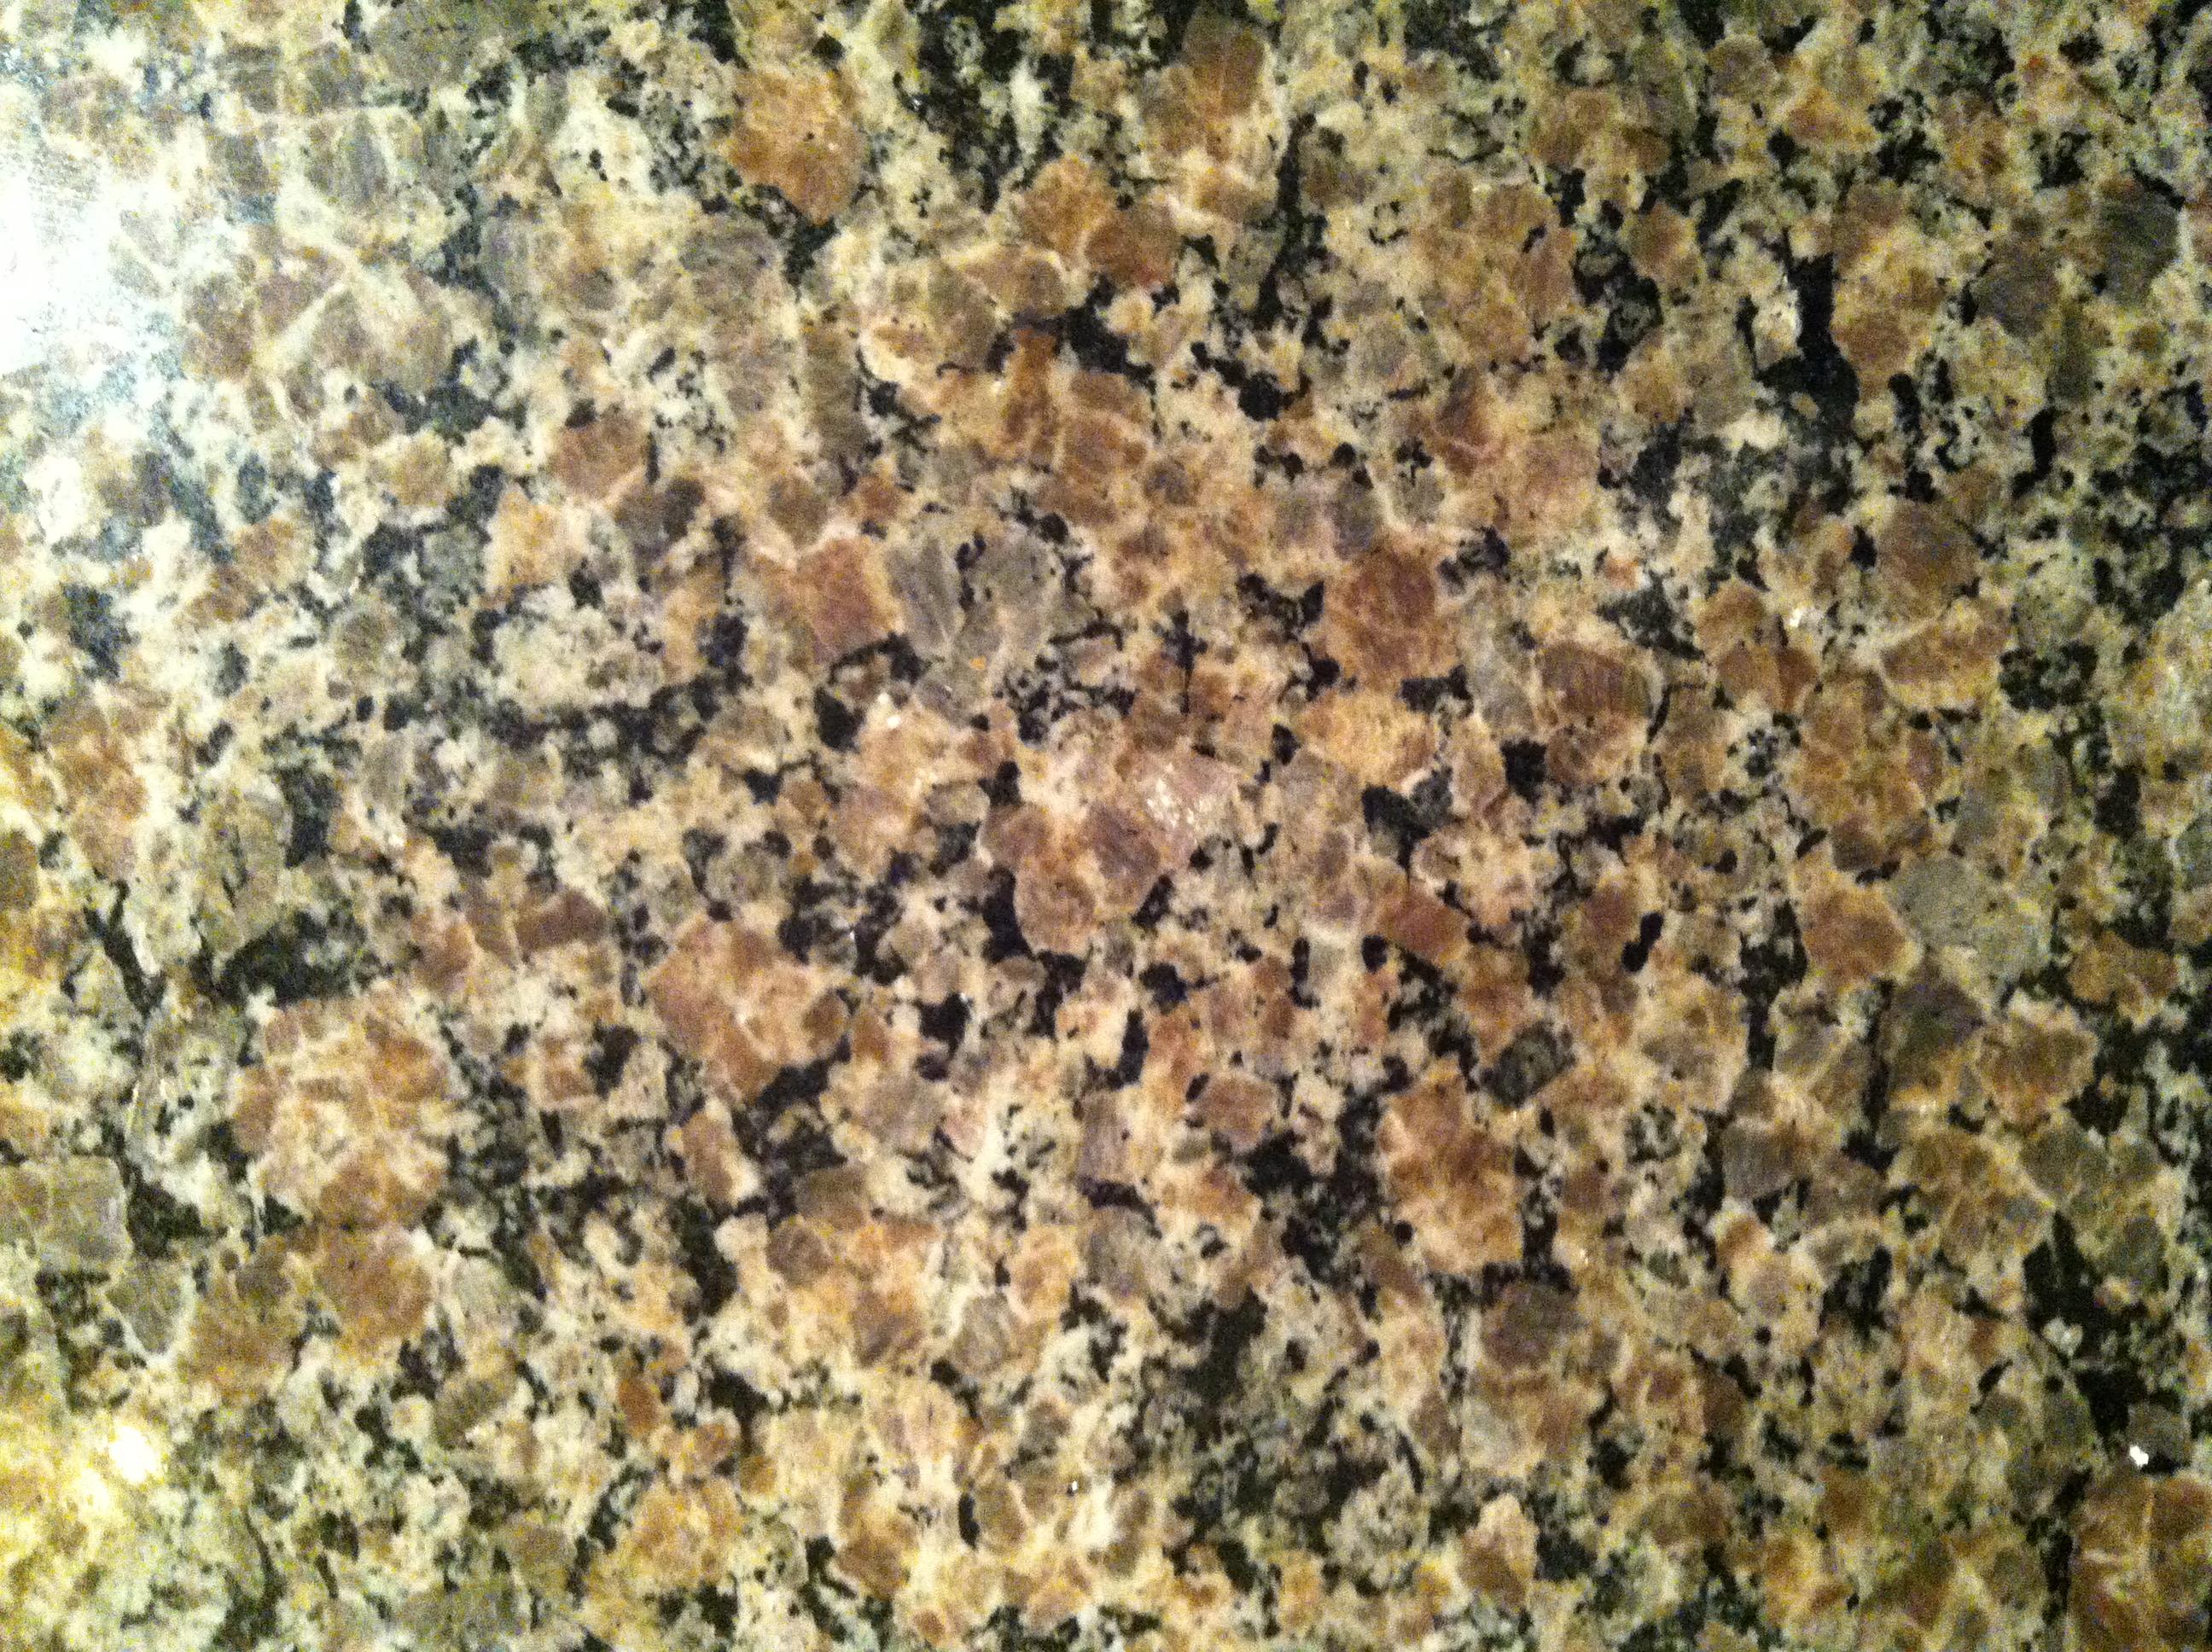 Black and Gray Granite Countertop.JPG